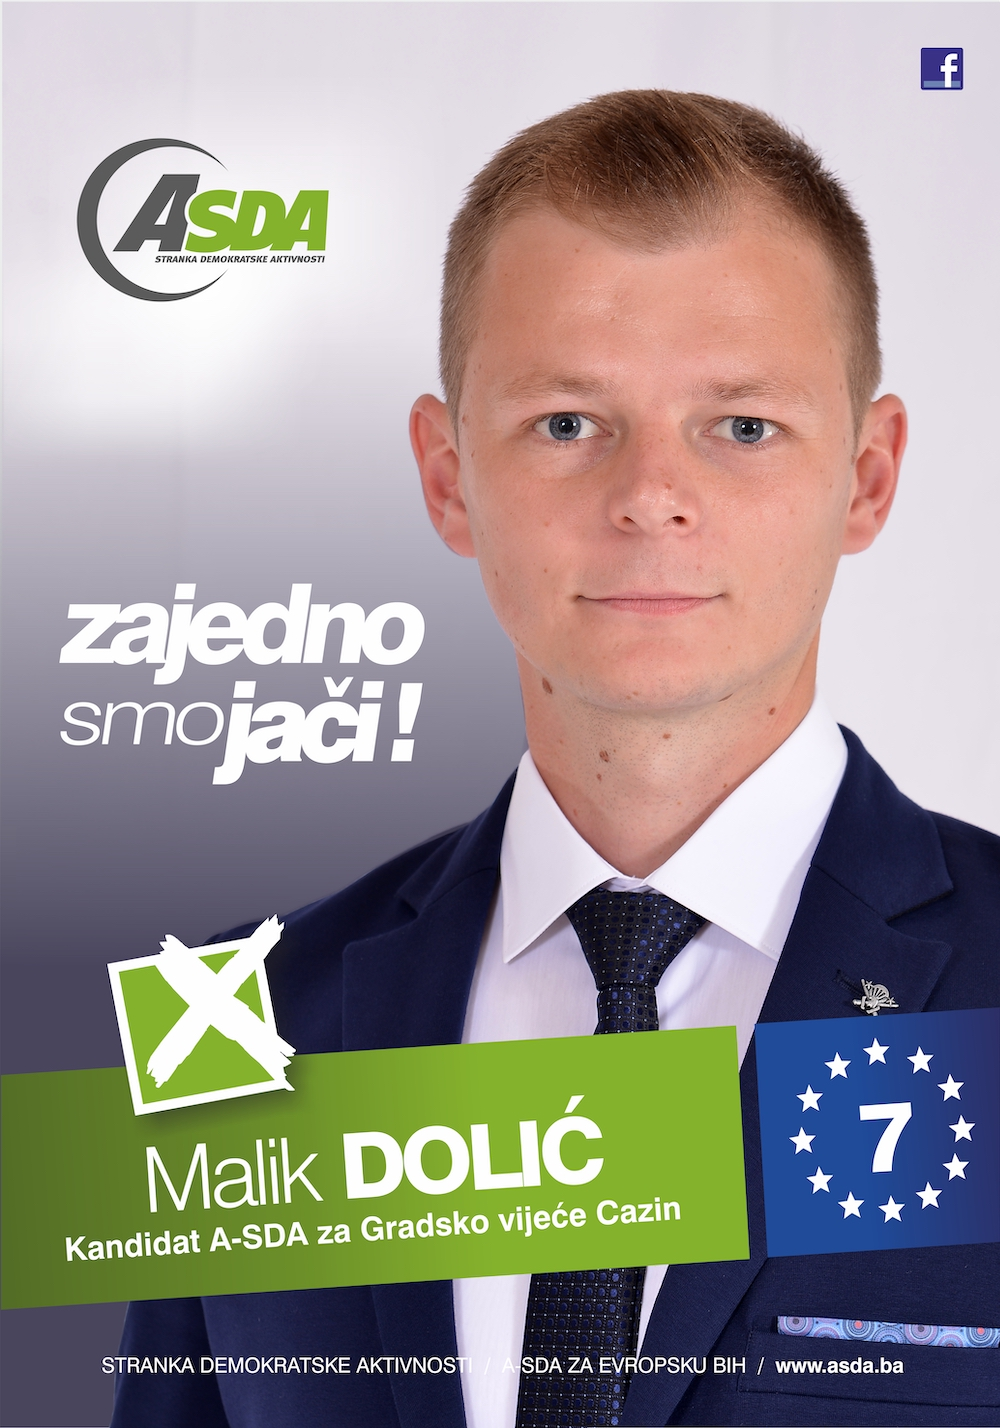 Malik Dolić